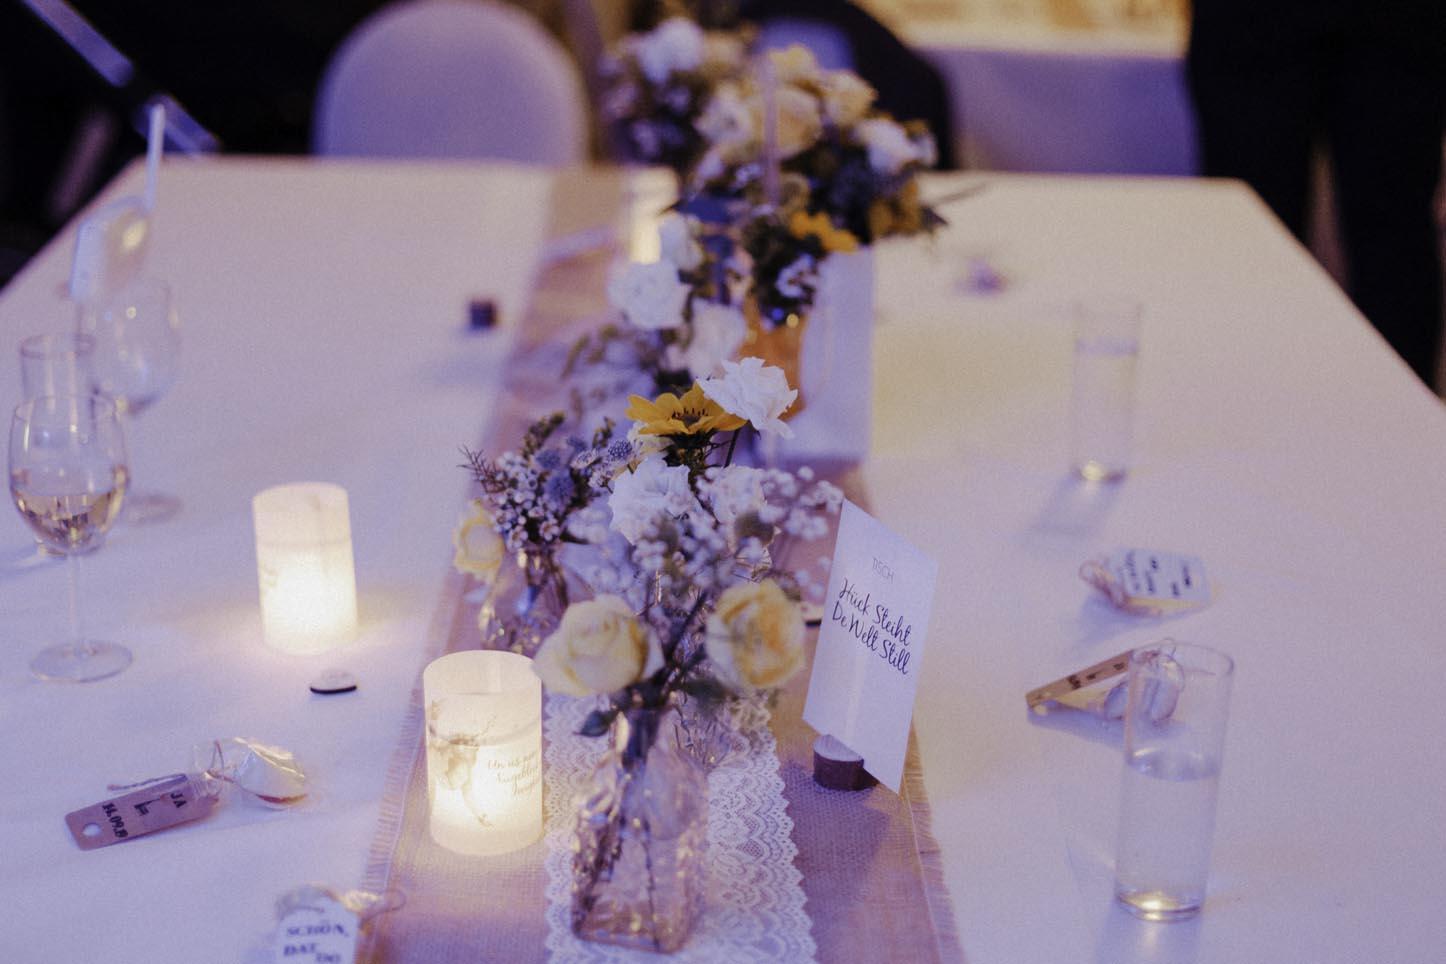 Tischdekoration Hochzeit bei Nacht